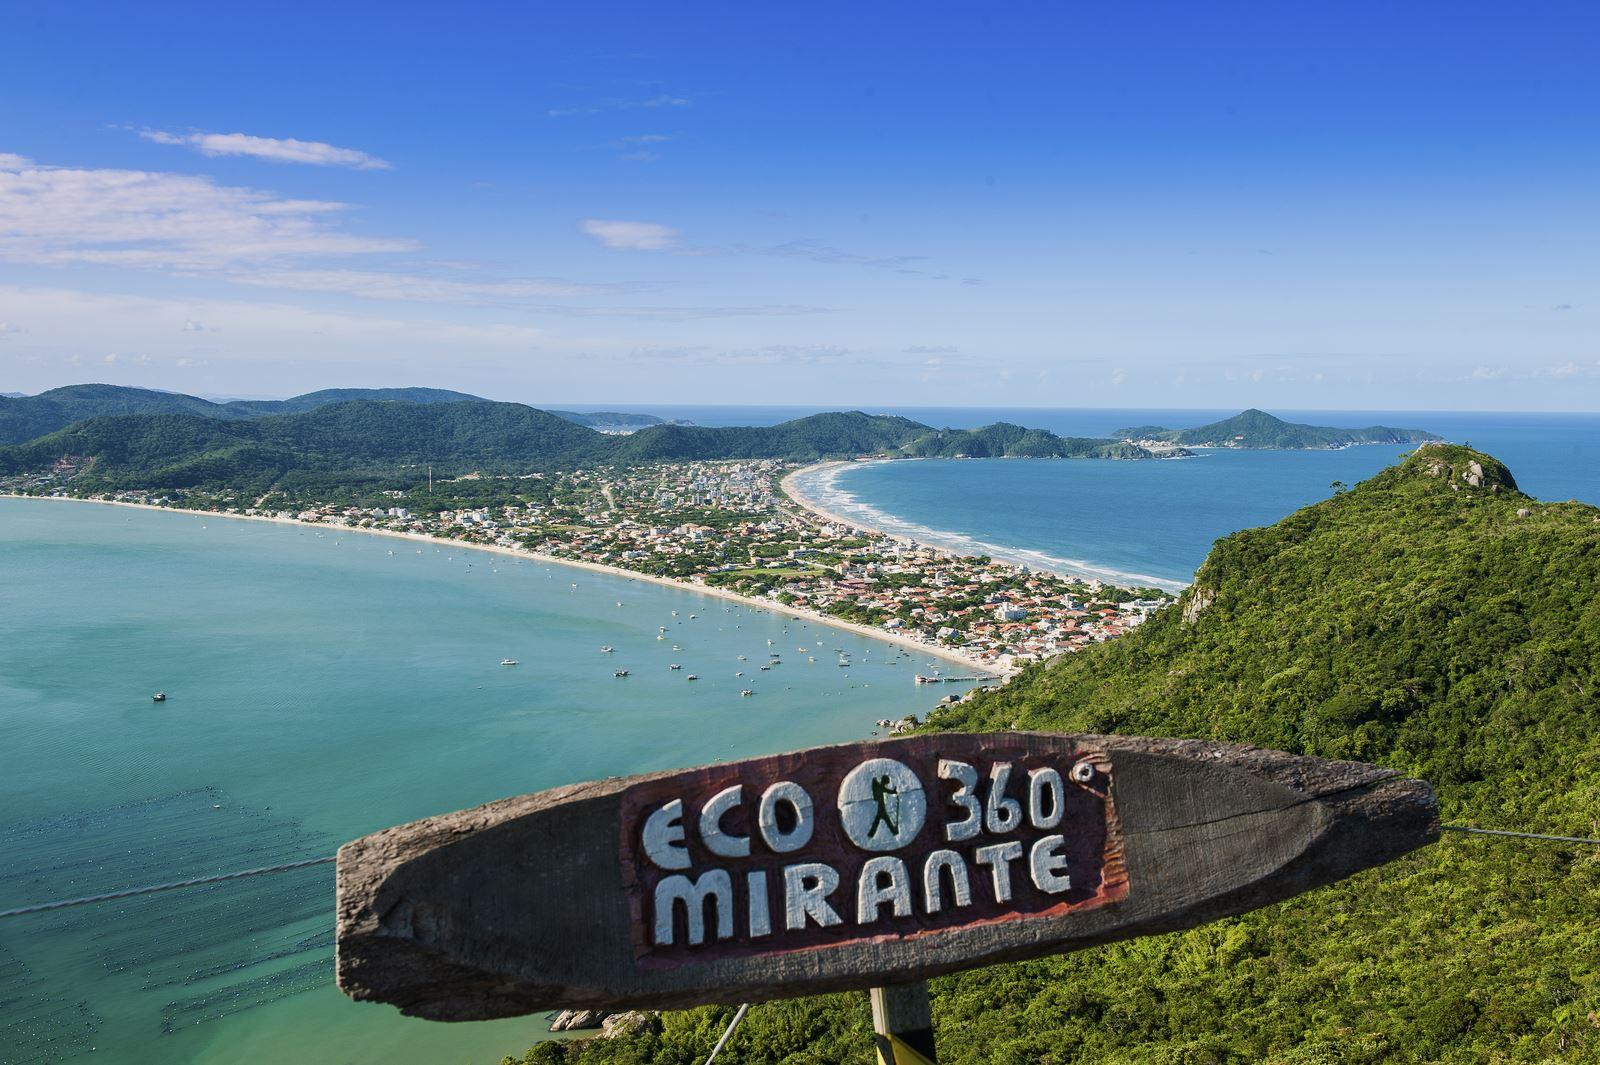 Conheça O Mirante Eco 360